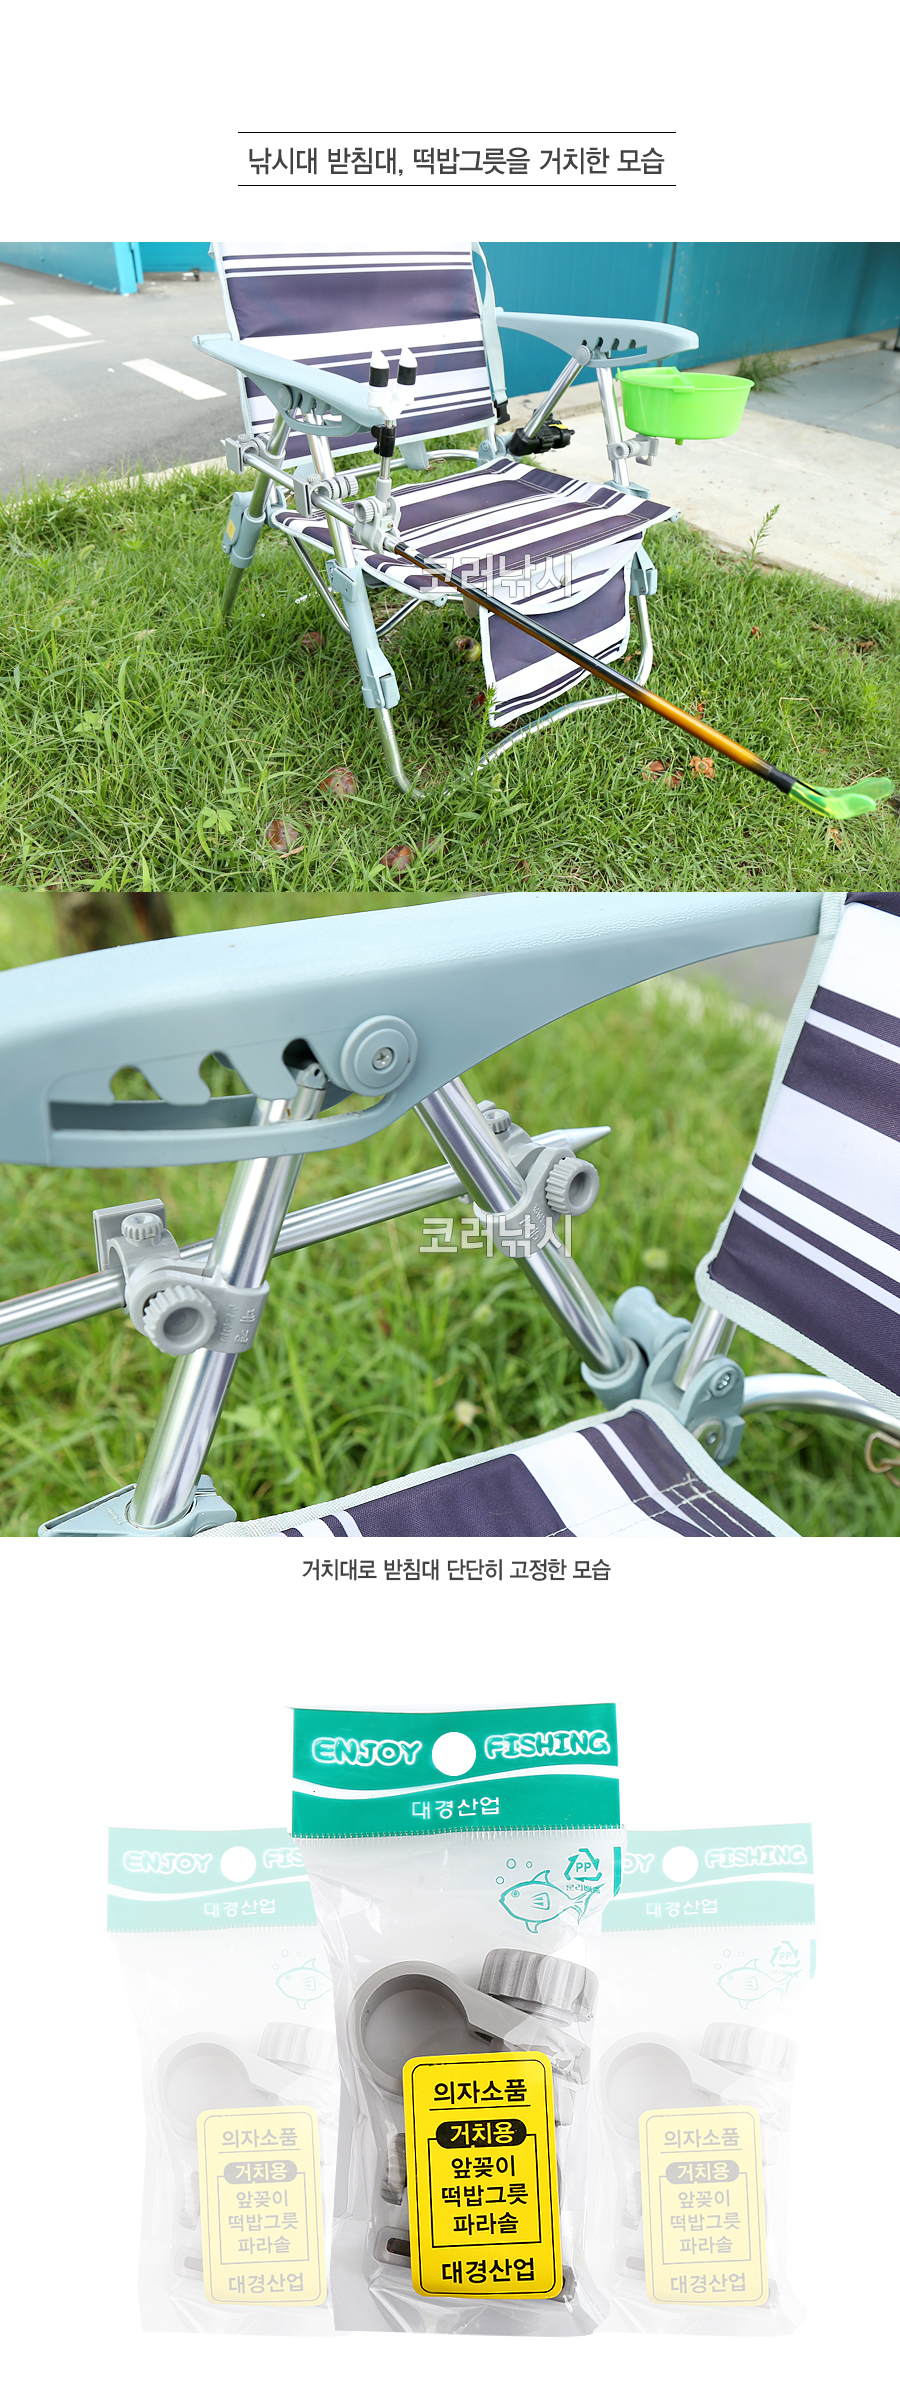 대경 다용도 의자용 거치대 도날드 섬 조아스 의자 의자부품 의자거치대 거치대 다용도거치대